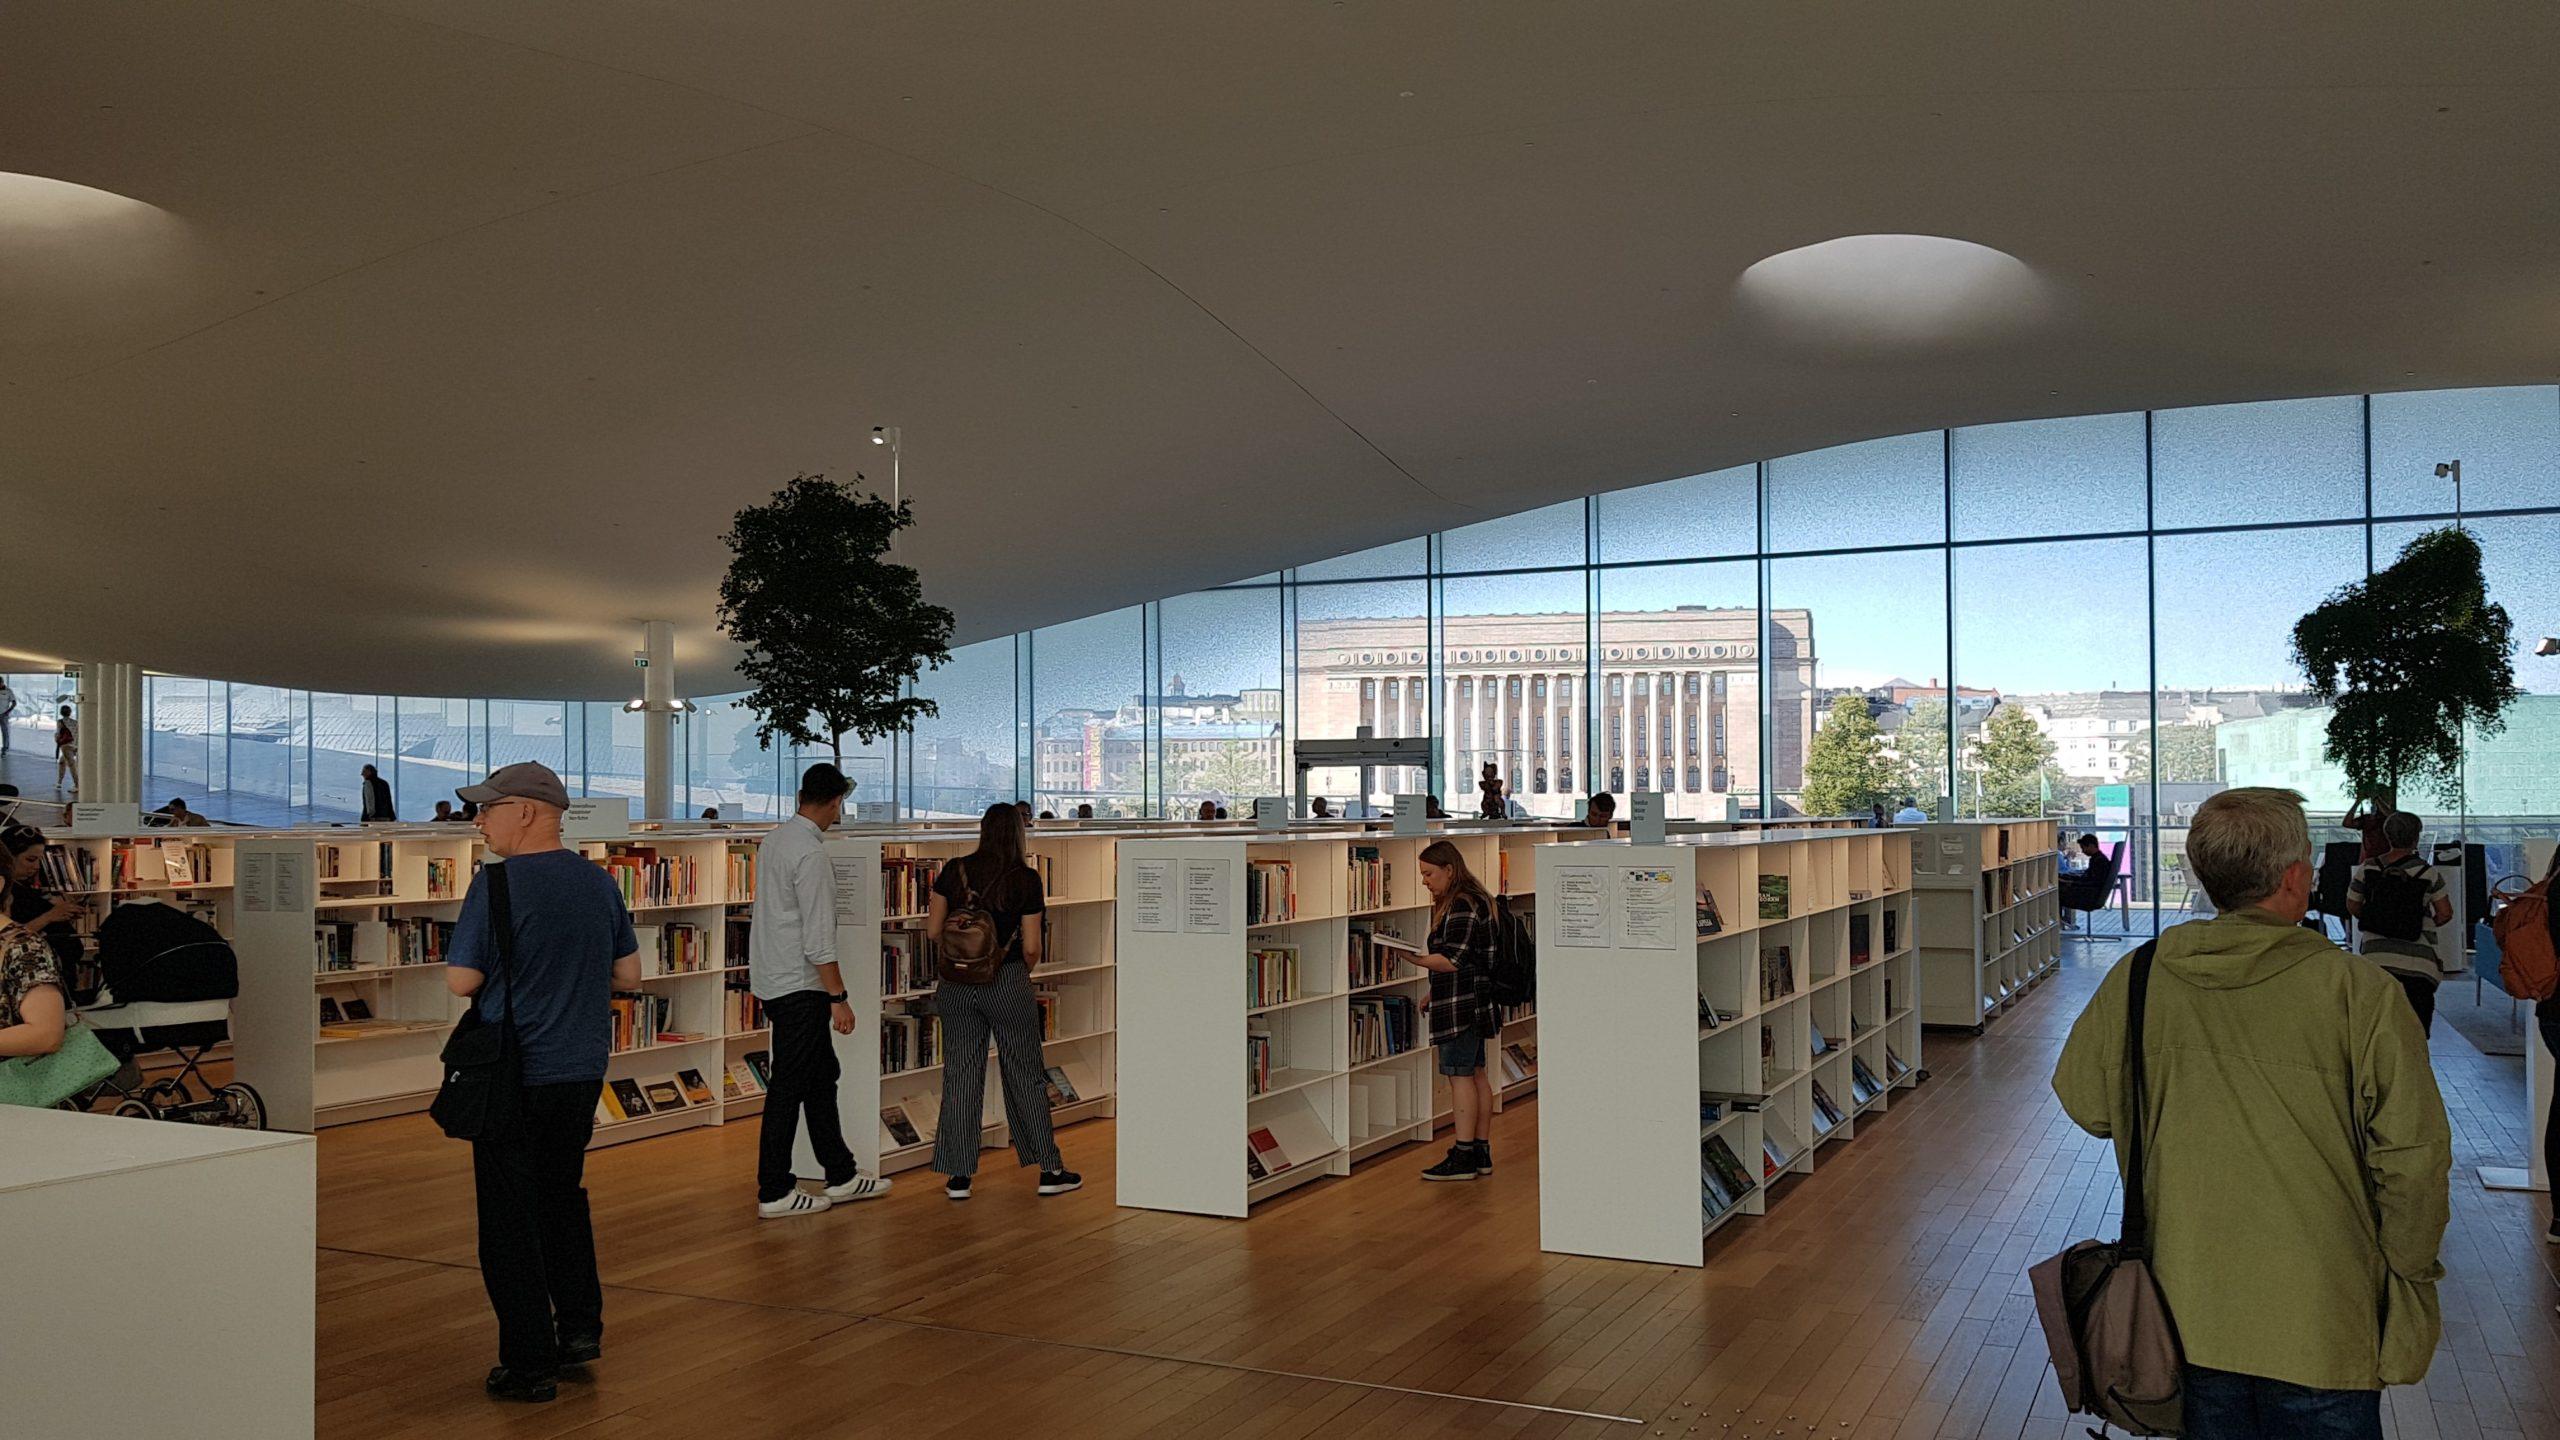 Helsingin uusi ja vanha rakentaminen kohtaavat keskustakirjasto Oodin ja Eduskuntatalon arkkitehtuurissa.